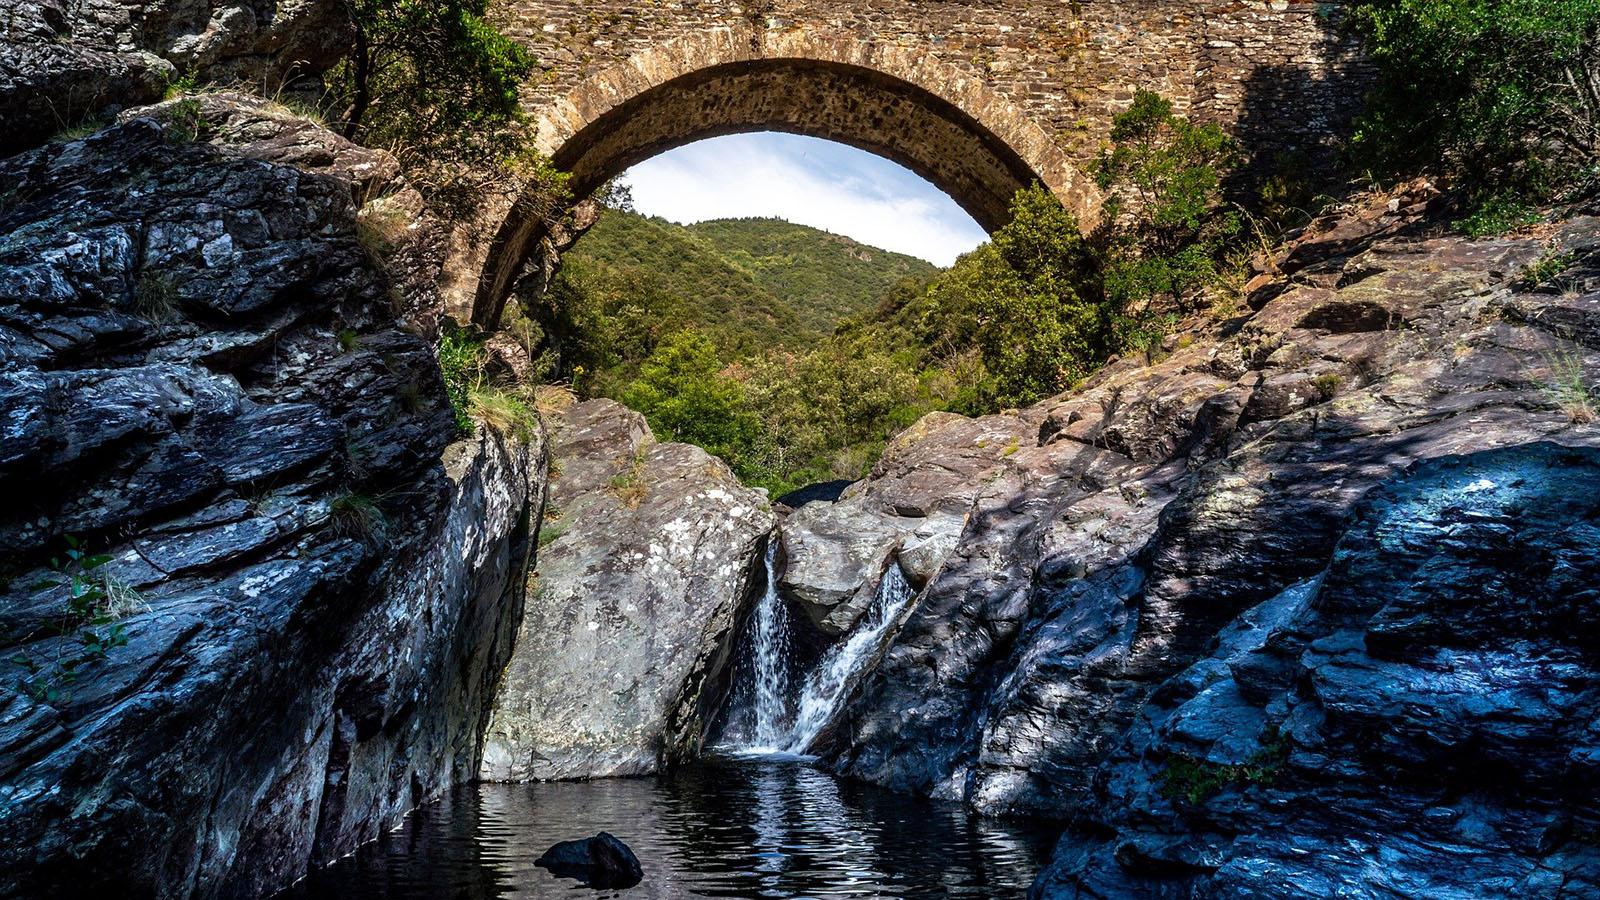 Une rivière passant sous un pont